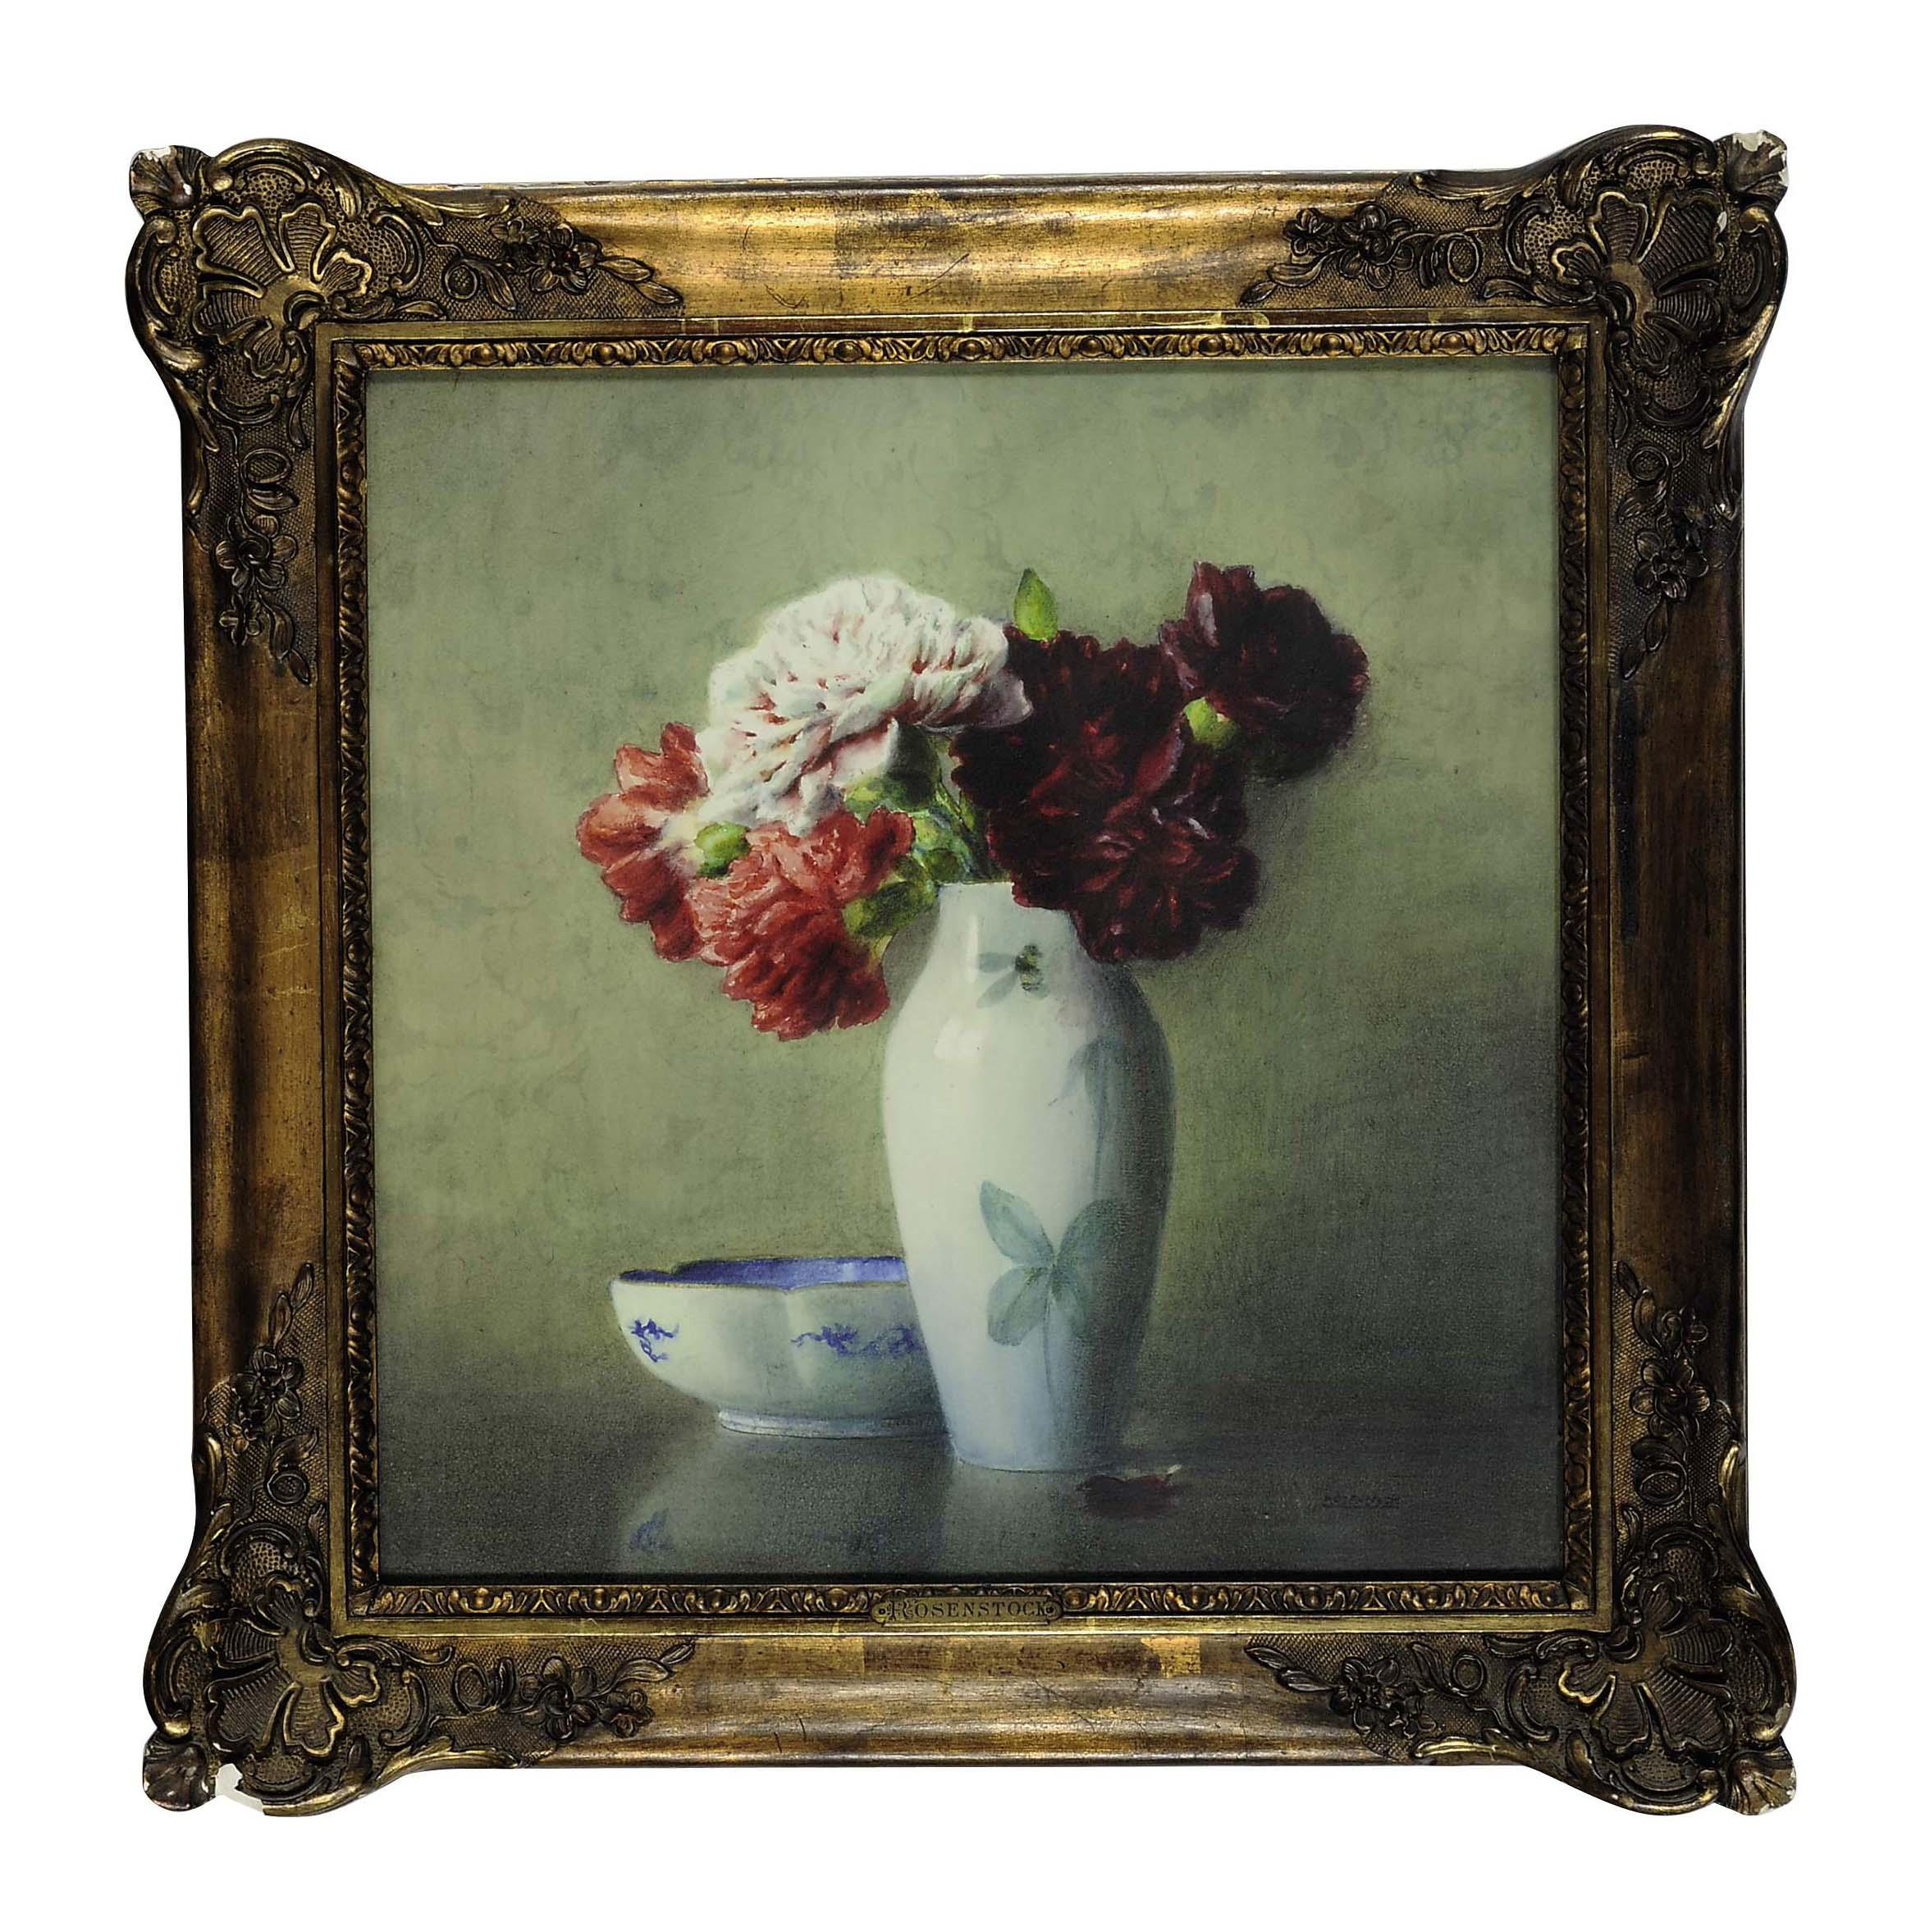 Peonies in a porcelain vase